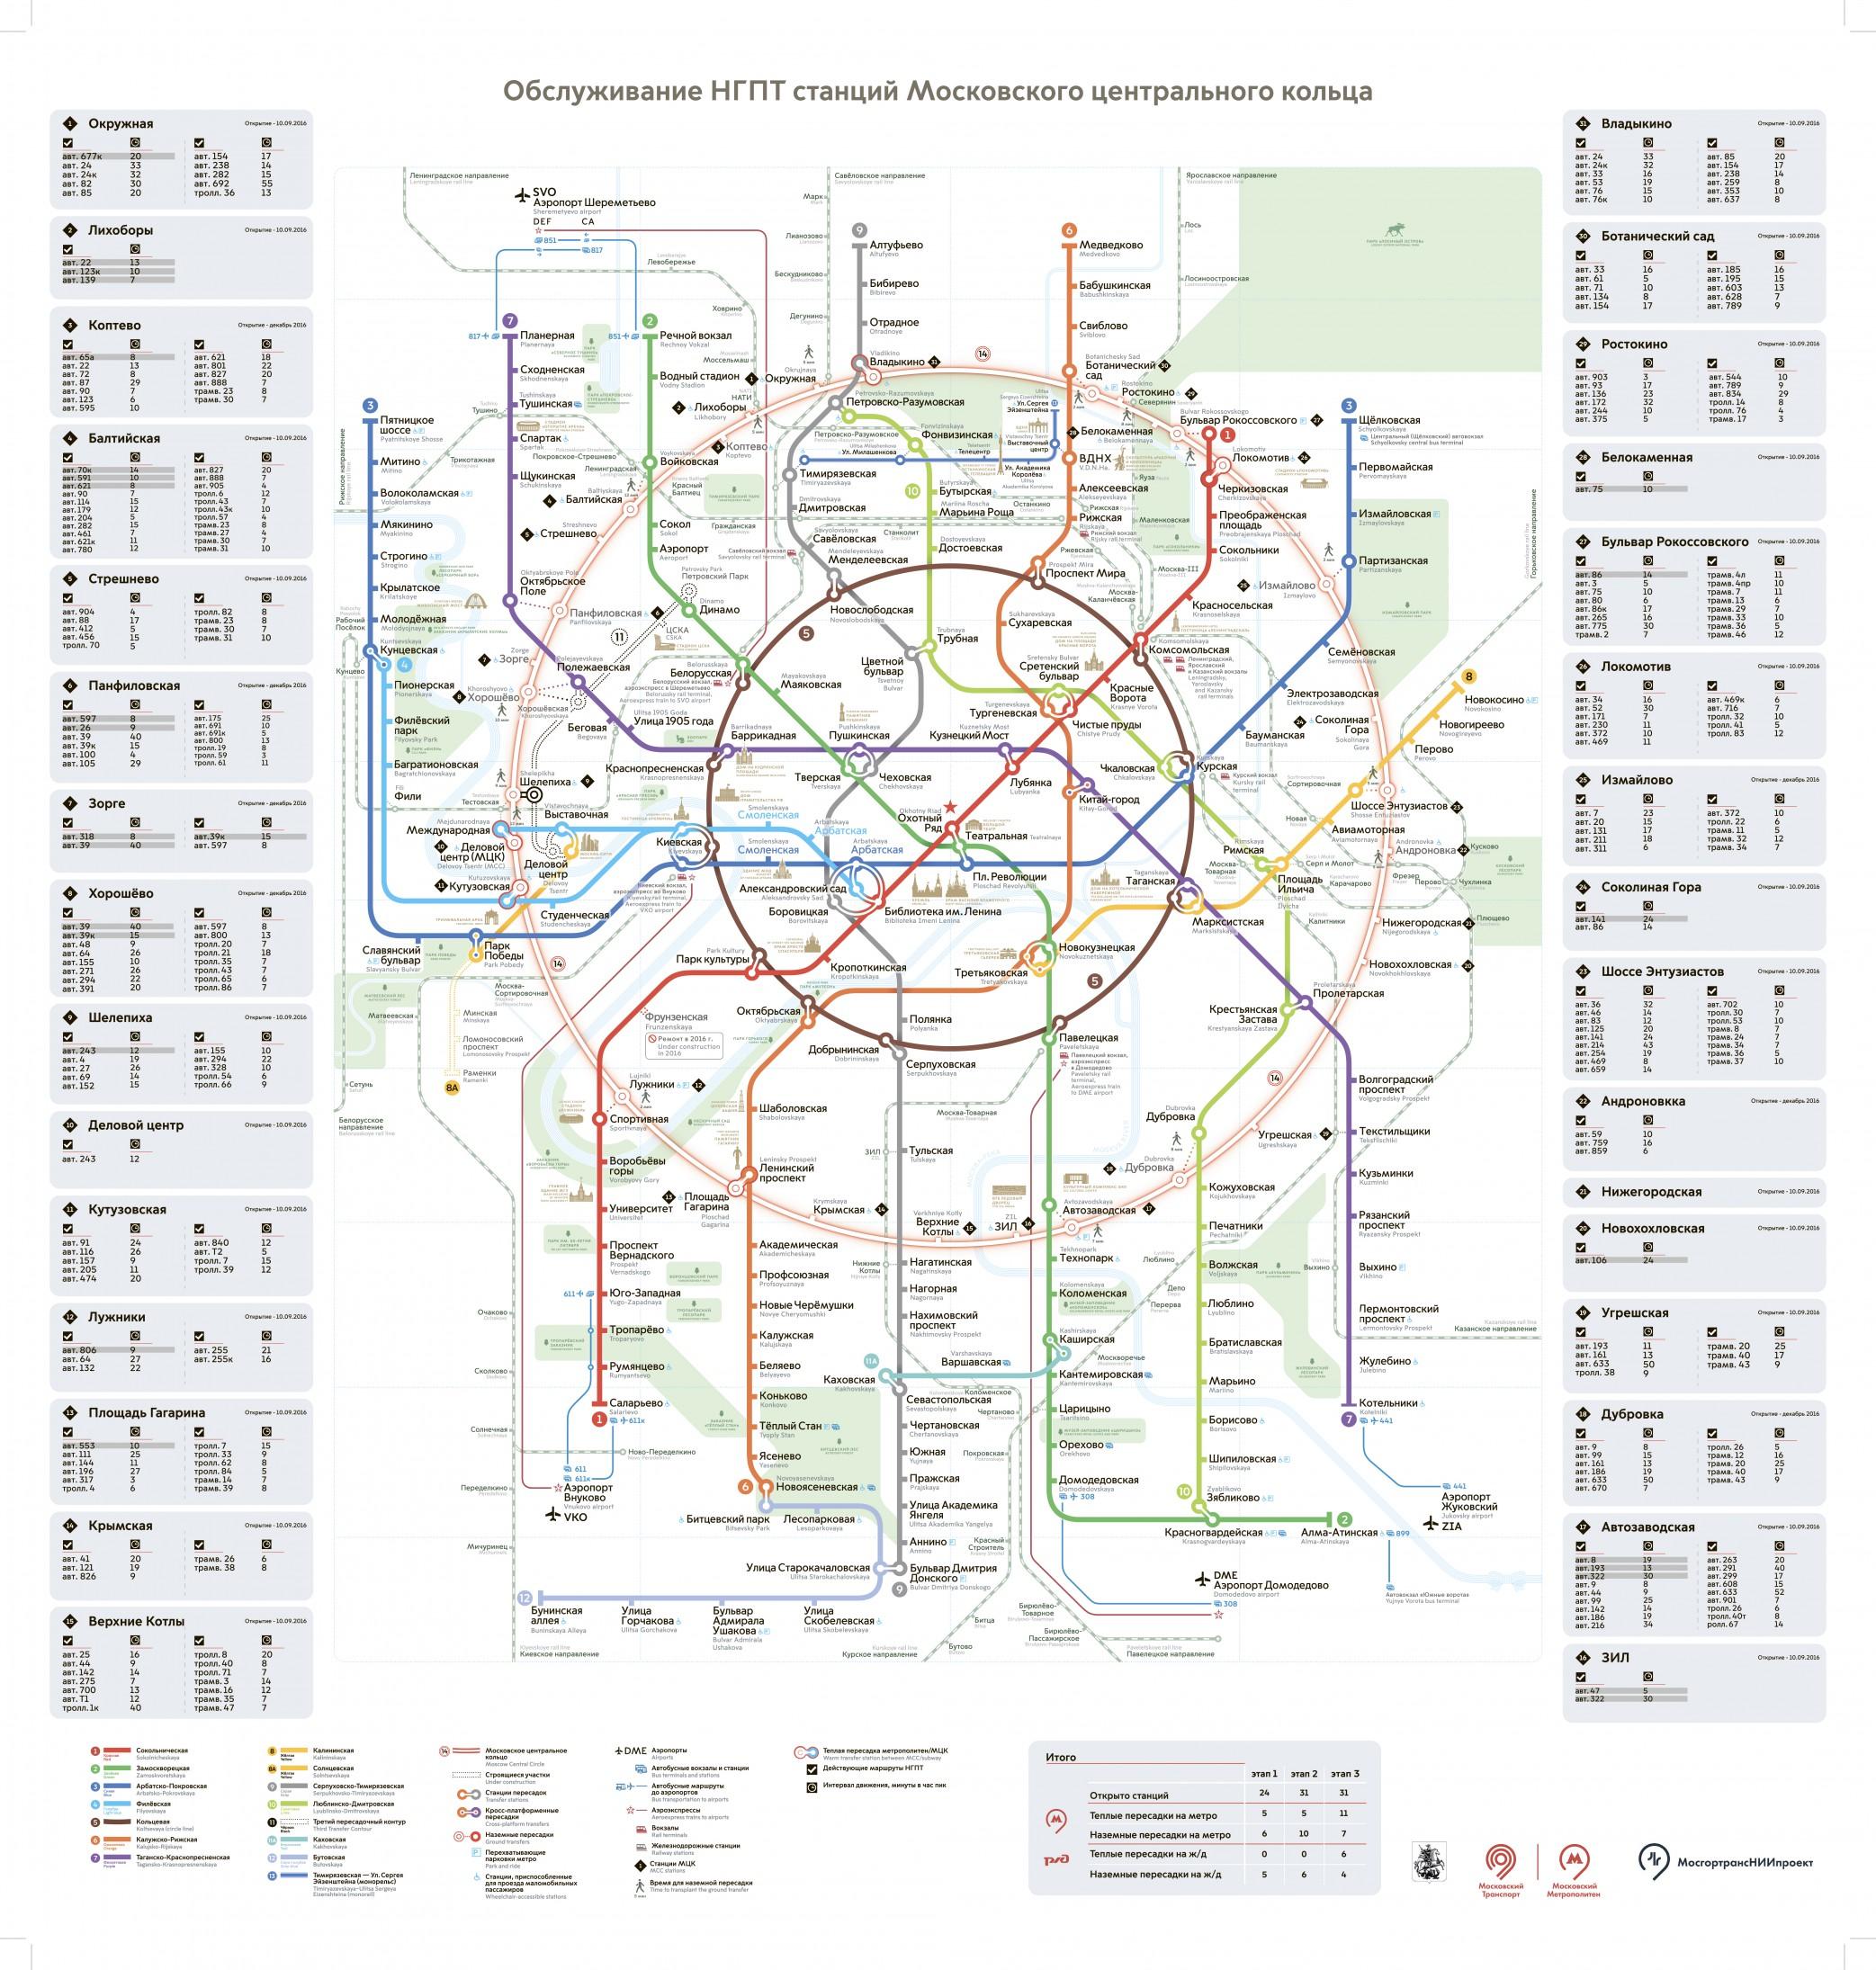 Схема метрополитена и московского центрального кольца фото 959